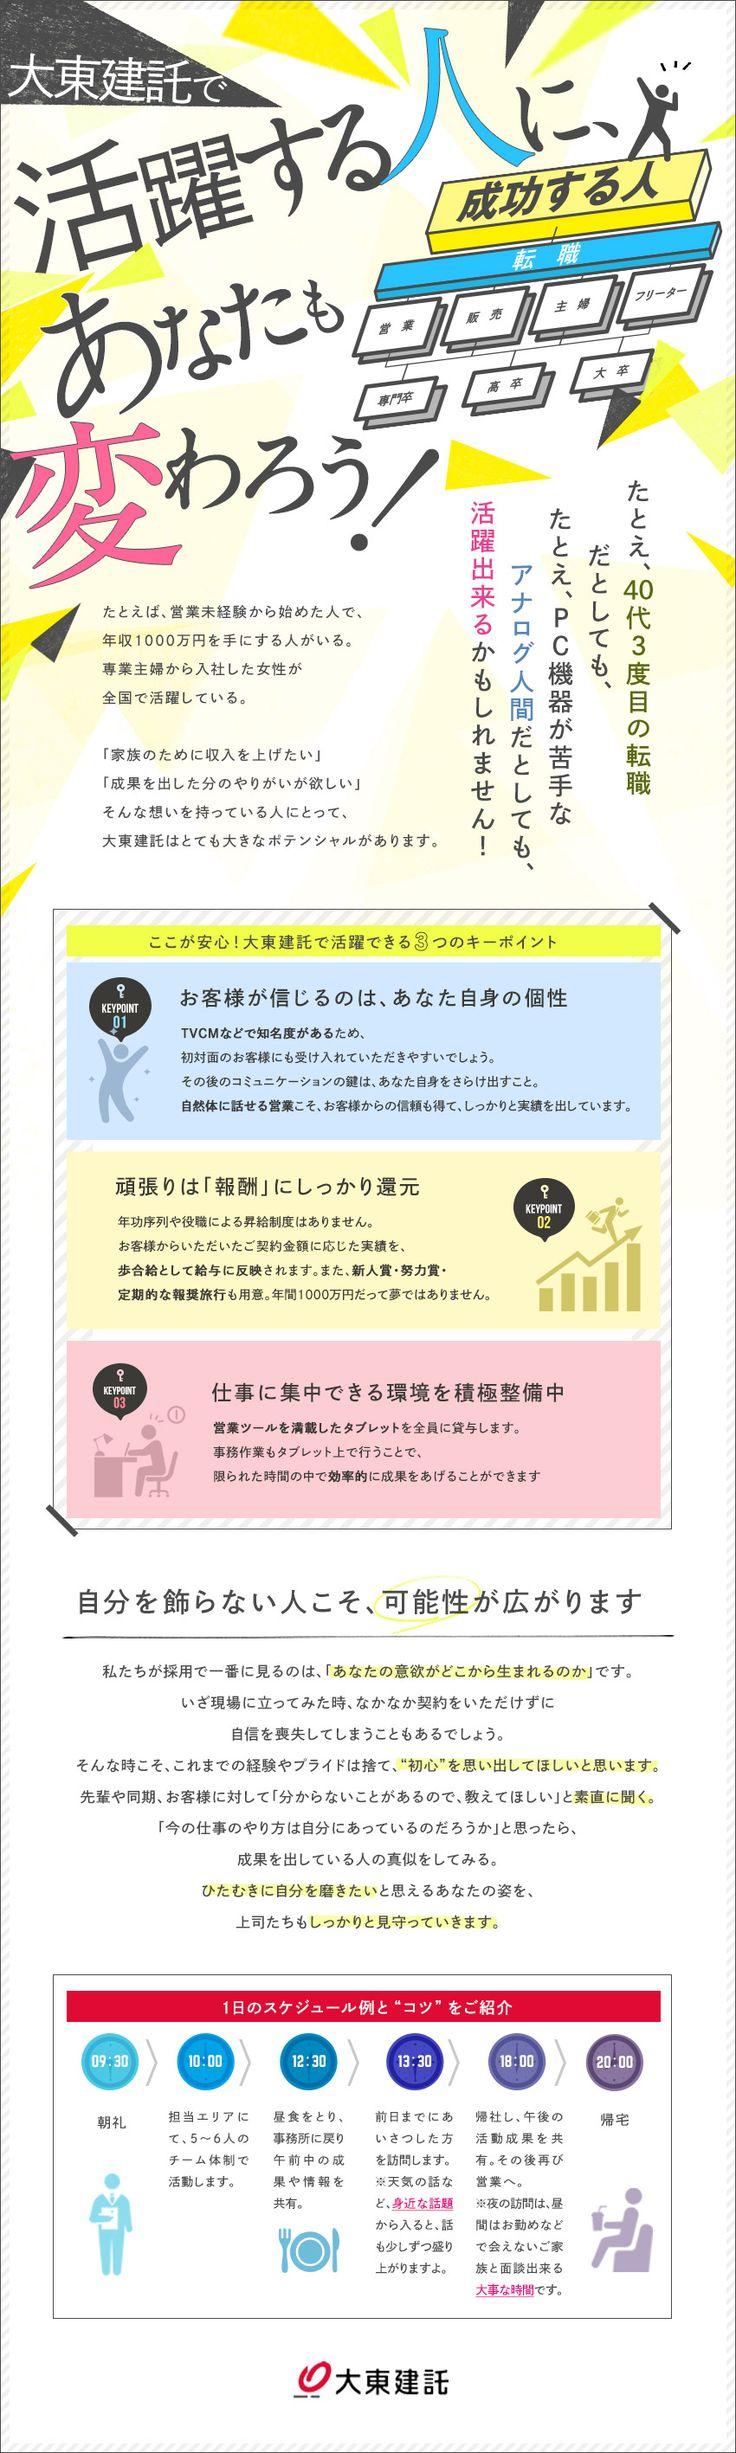 大東建託株式会社(東証一部・名証一部上場)/頑張り次第で高収入も実現できるコンサルティング営業の求人PR -…